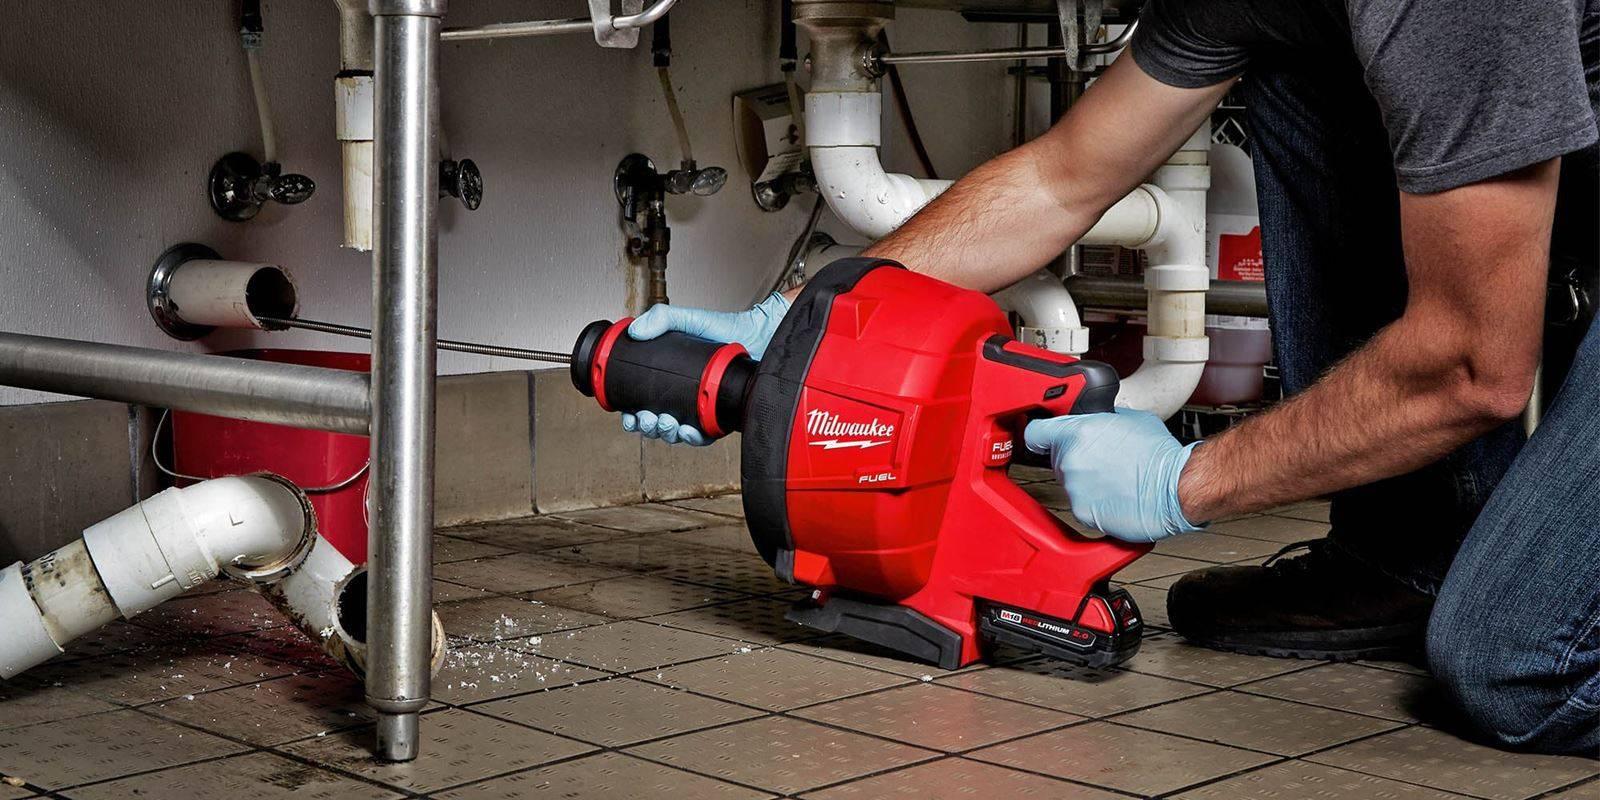 Простейший ремонт элементов водоснабжения и канализации | гидро гуру